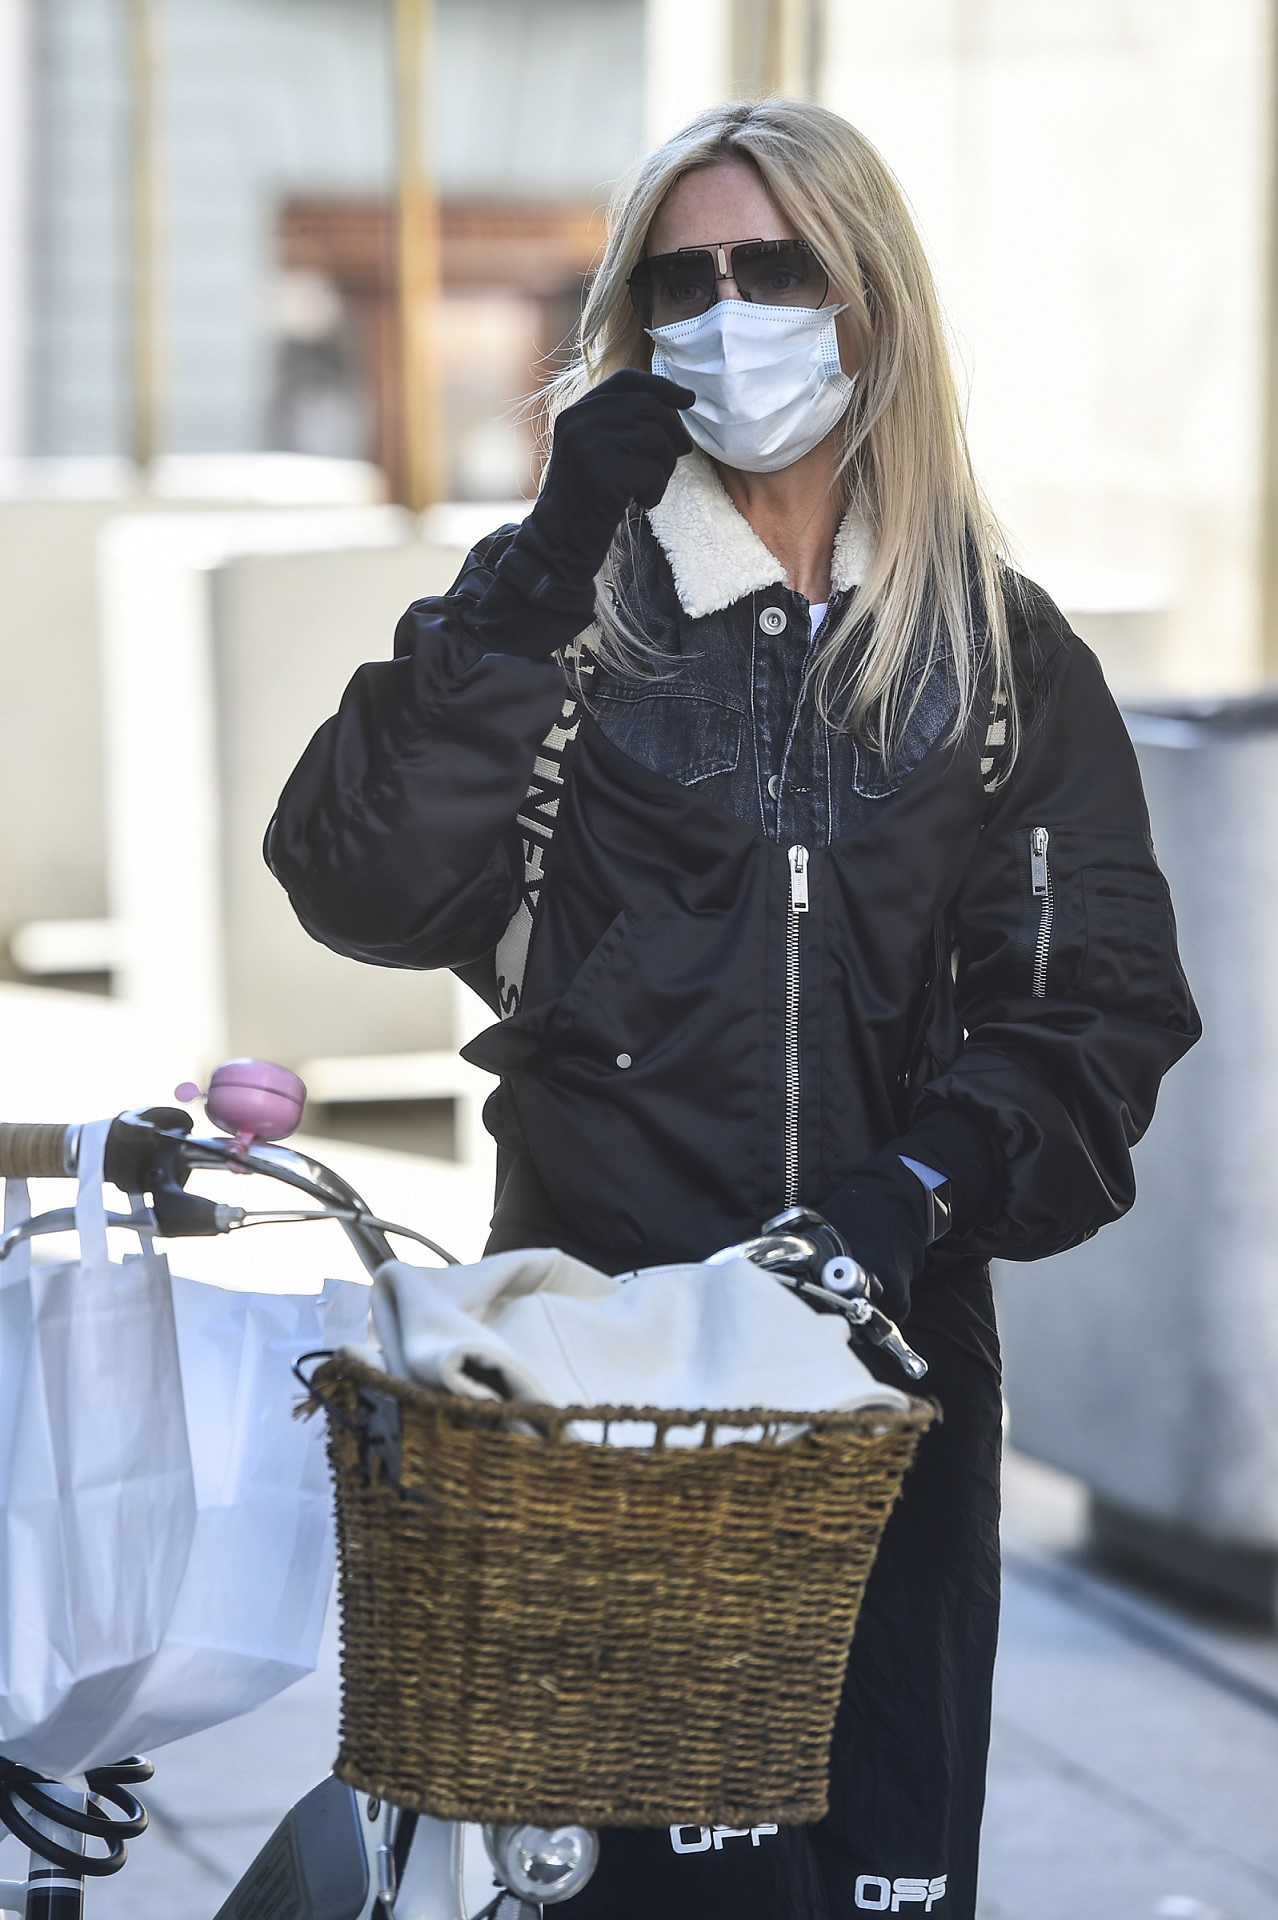 Agnieszka Woźniak-Starak poprawia maseczkę na twarzy.